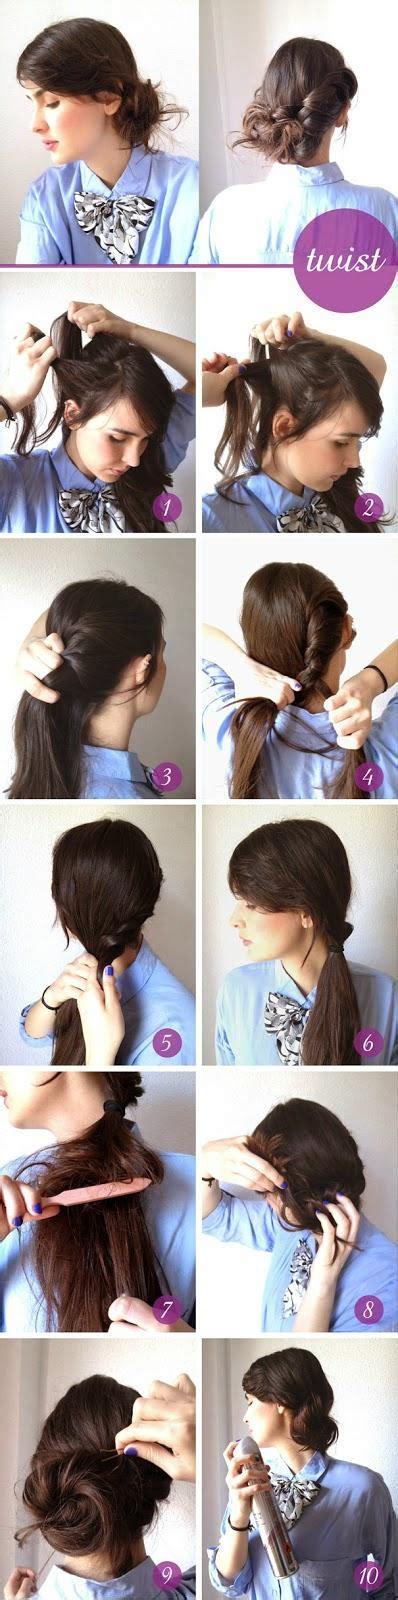 Kunciran Ikat Rambut I inilah gaya rambut ala korea yang hits banget fashion